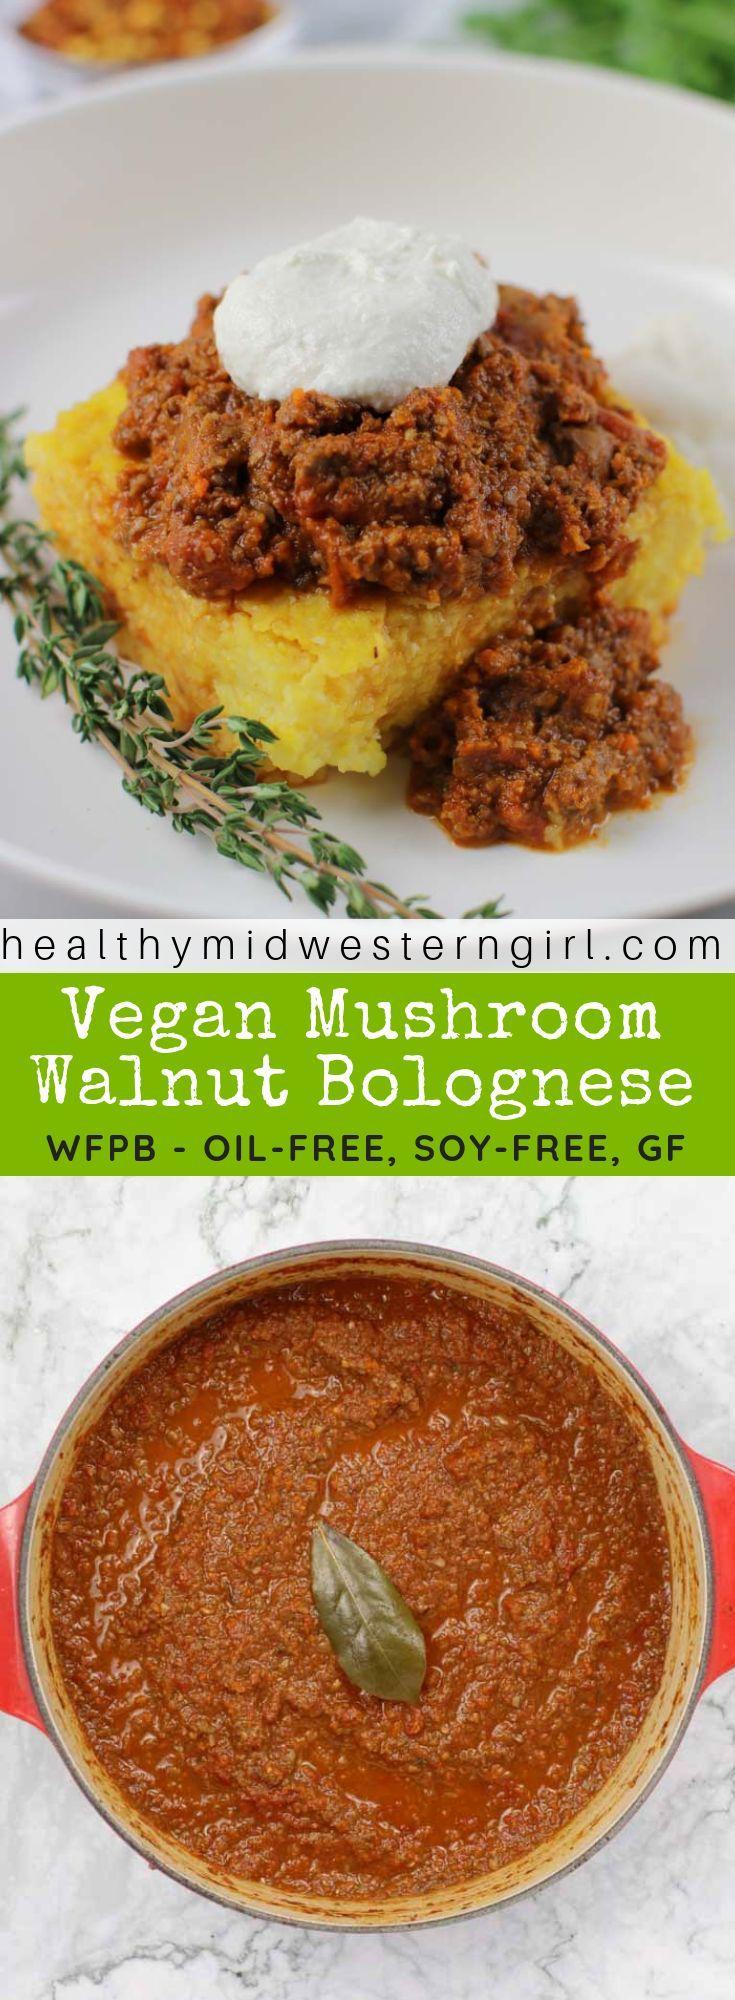 Vegan Mushroom Walnut Bolognese